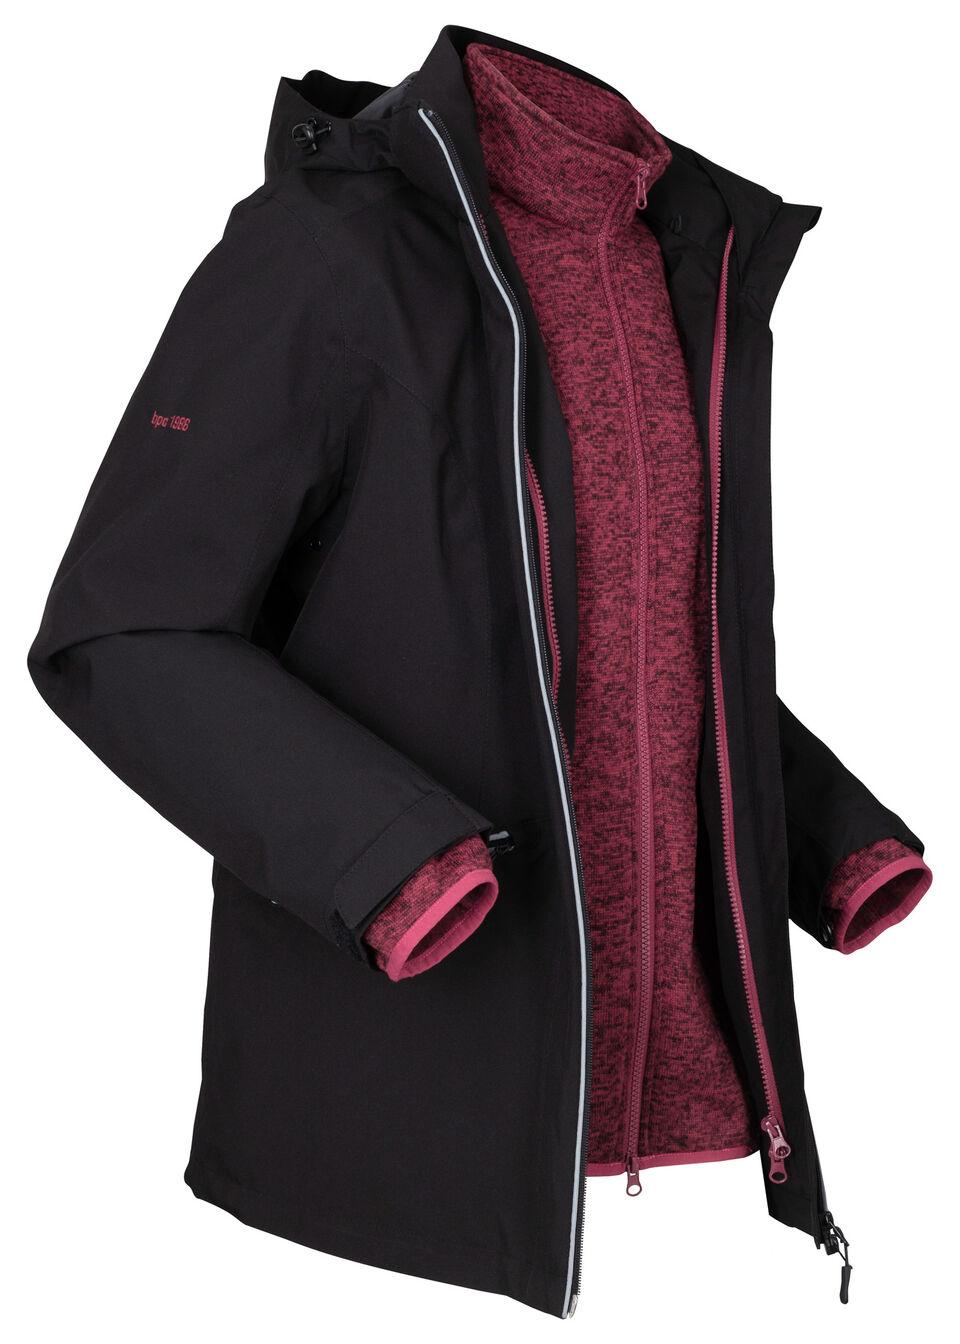 Kurtka funkcyjna outdoorowa 3 w 1 z bluzą z polaru bonprix czarno-czerwony rododendron